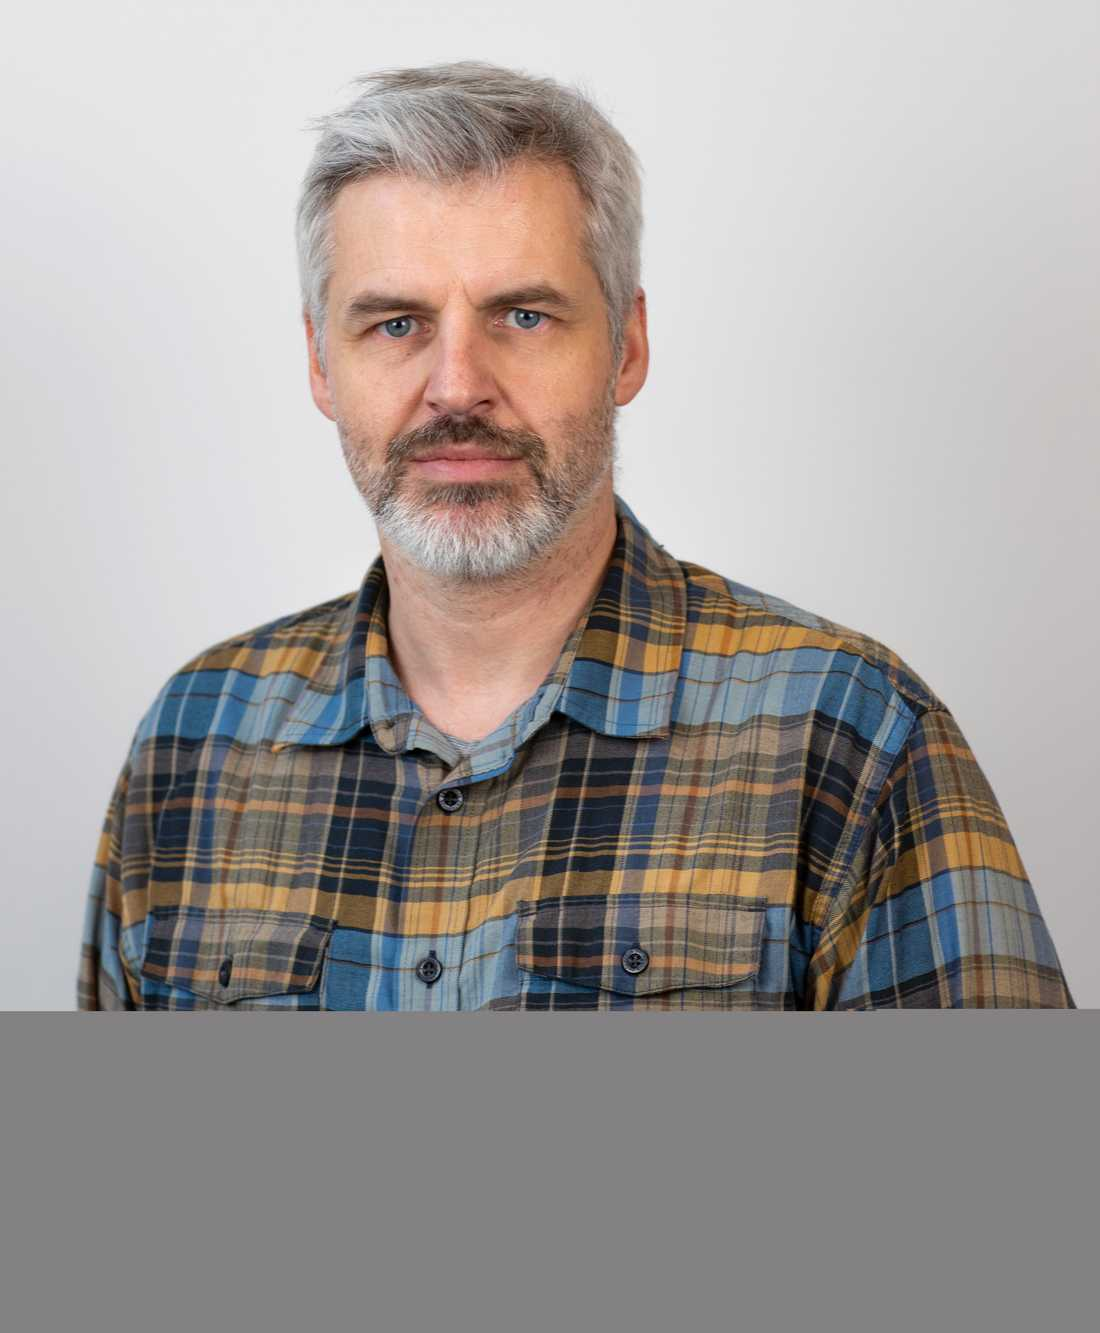 Daniel Faria, forskningsledare vid FOI med fokus på rymdfrågor, menar att risken för konflikter i rymden har ökat markant. Arkivbild.